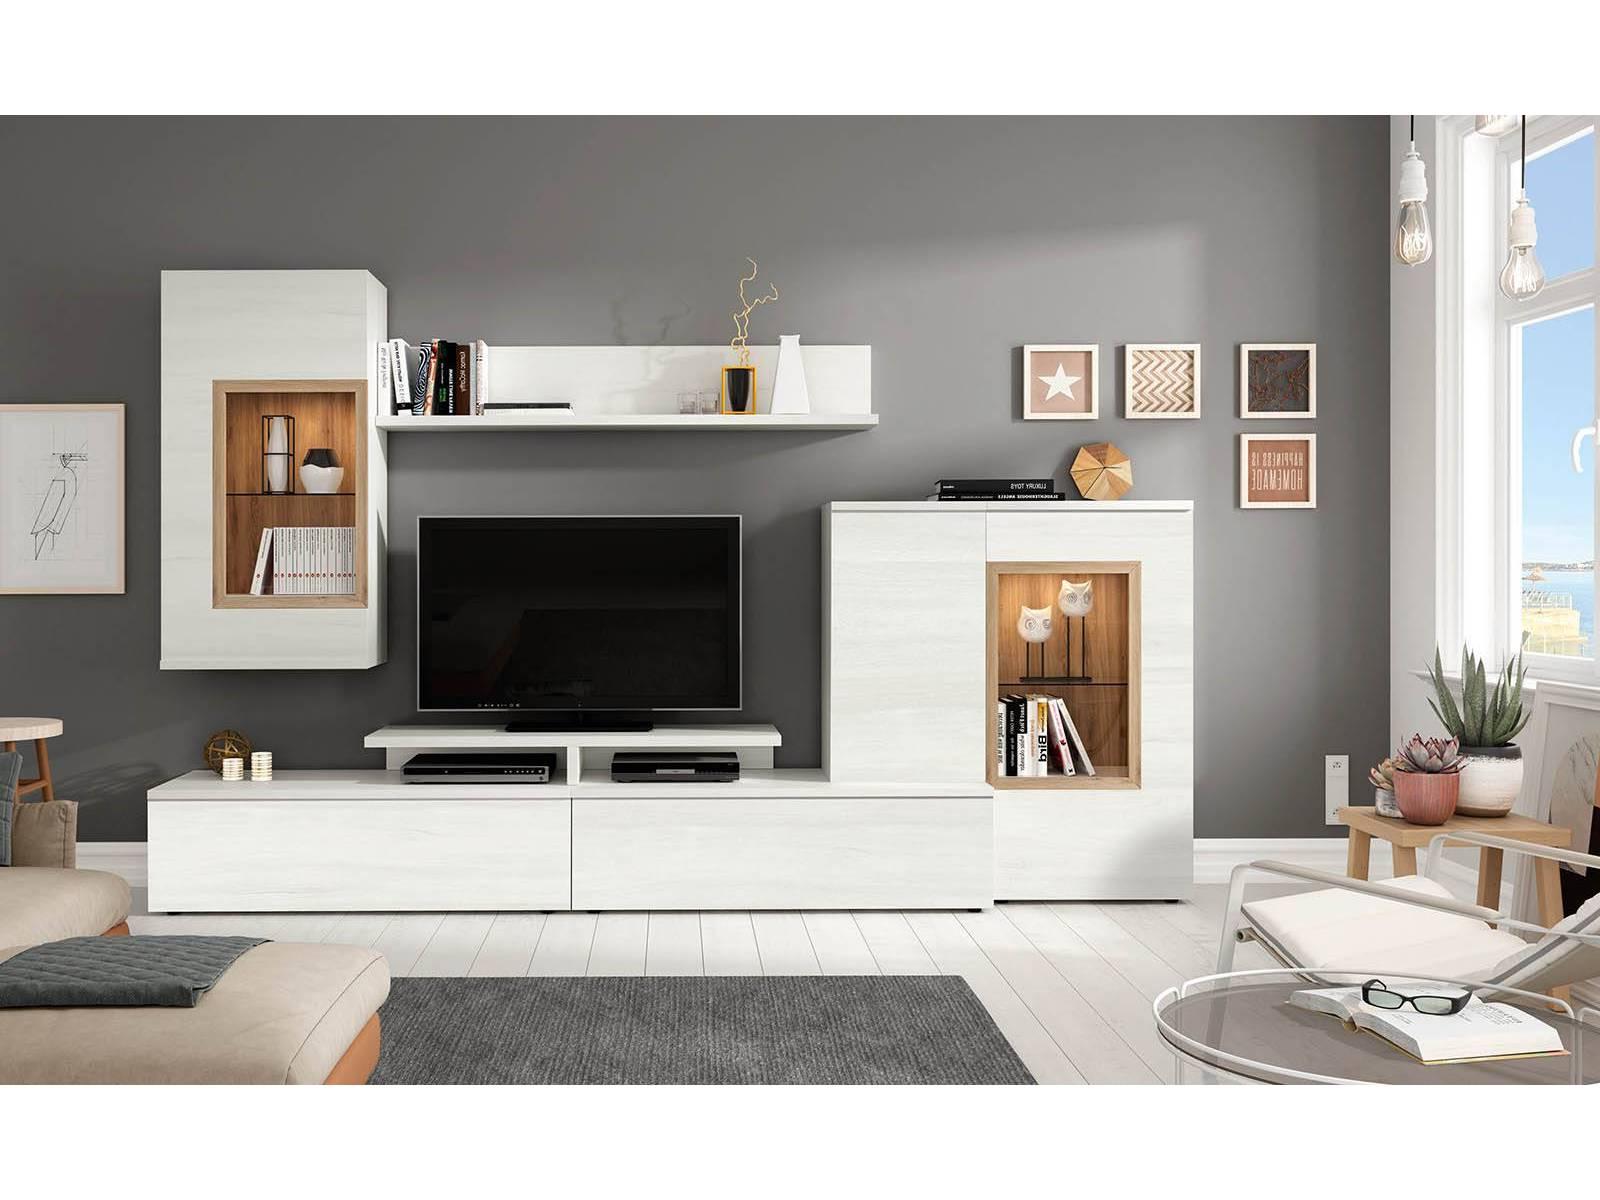 Muebles Salon Merkamueble 3ldq Modular De Salà N Colores Polar Y Roble